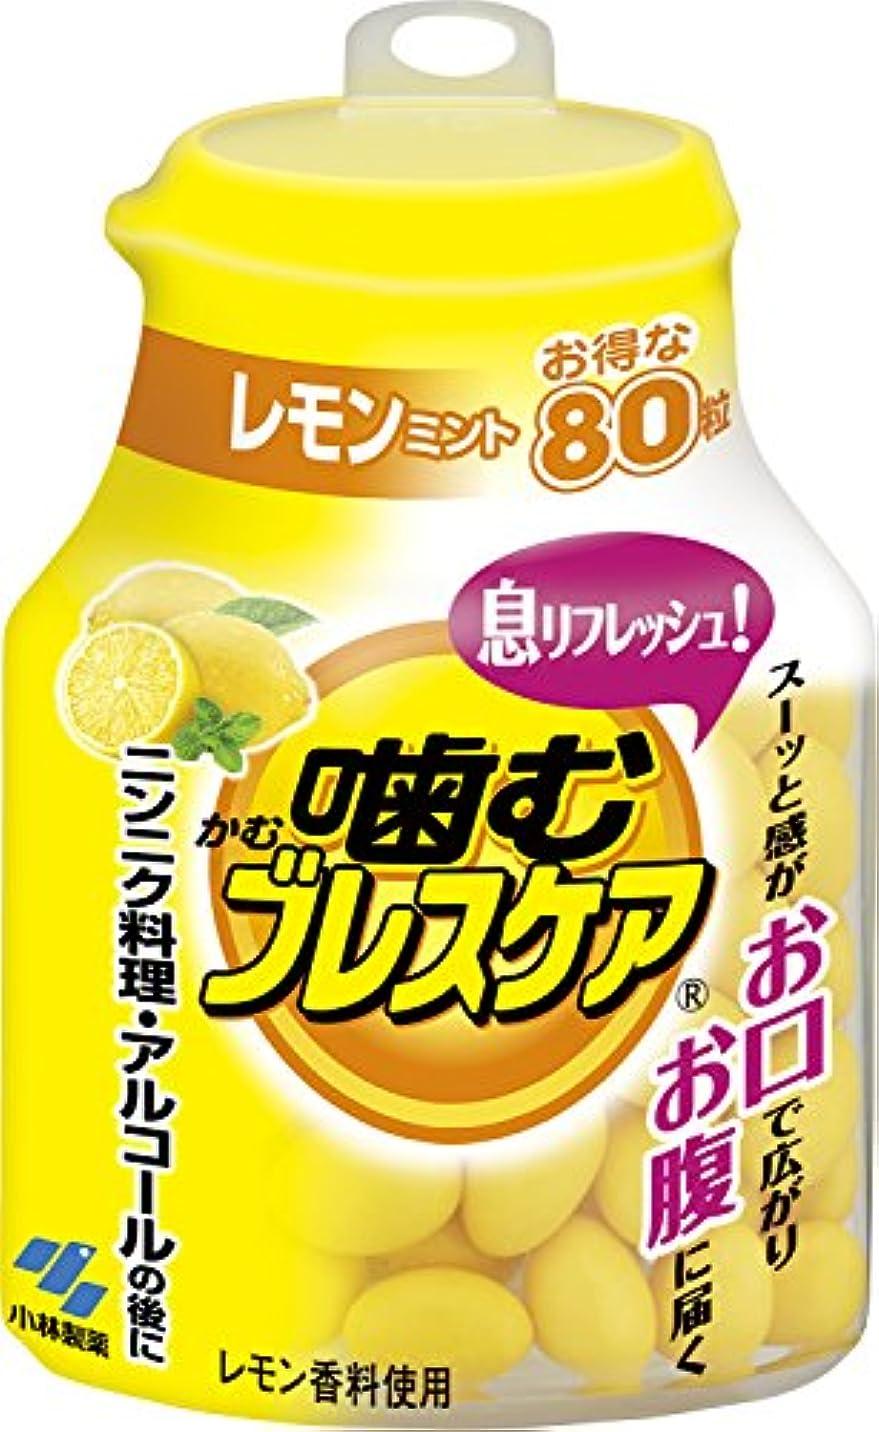 協定迅速贅沢な噛むブレスケア レモンミント 80粒